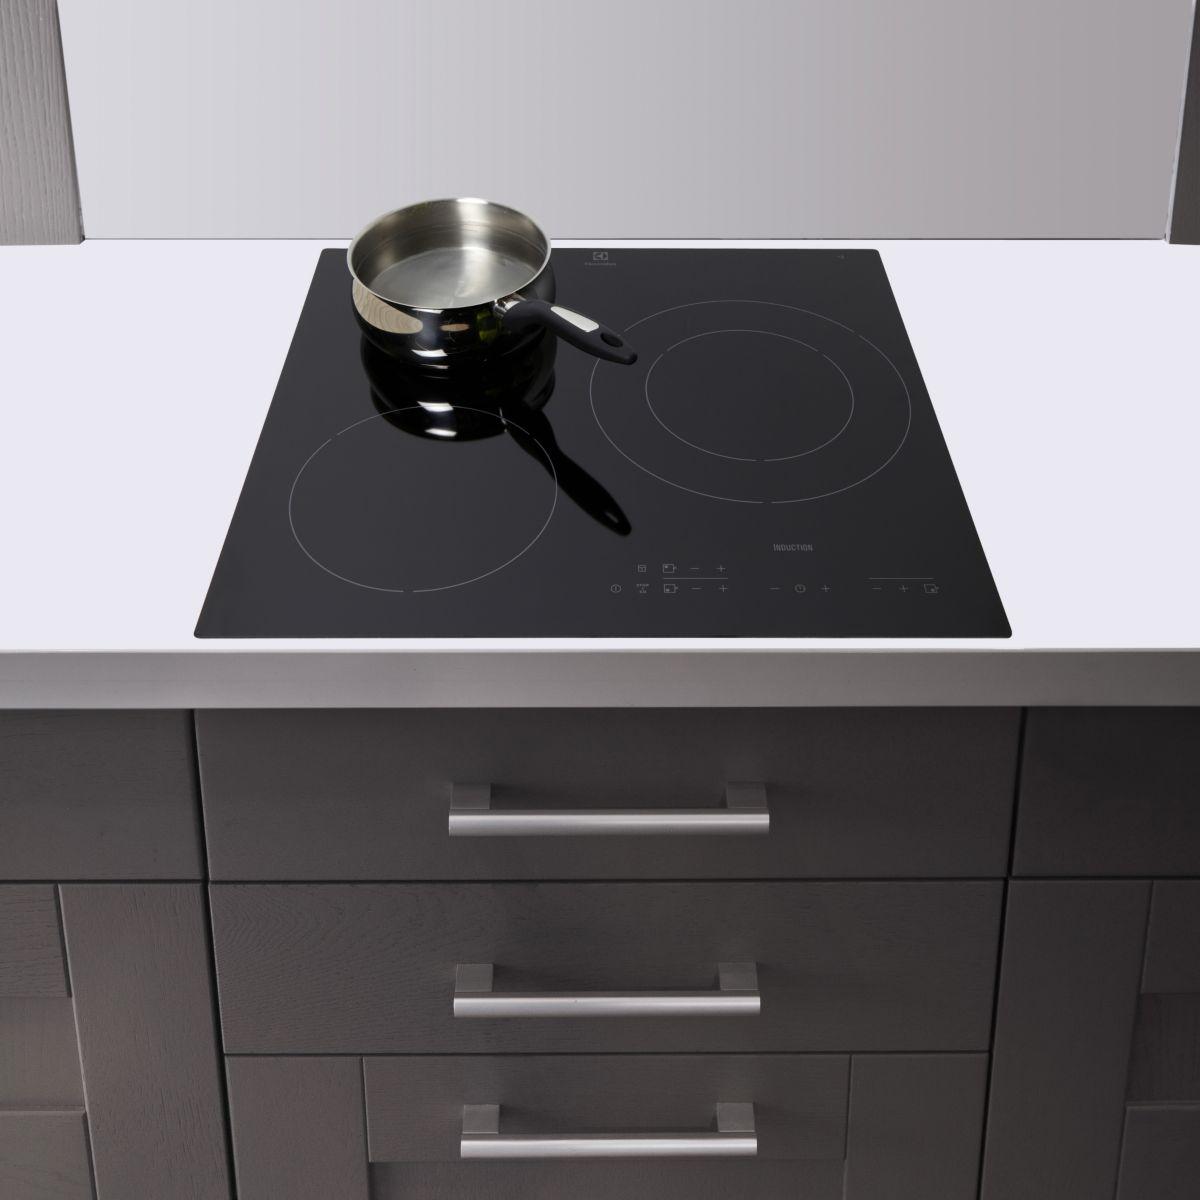 Electrolux e6113hik table de cuisson induction 3 foyers - Table induction 3 foyers ...